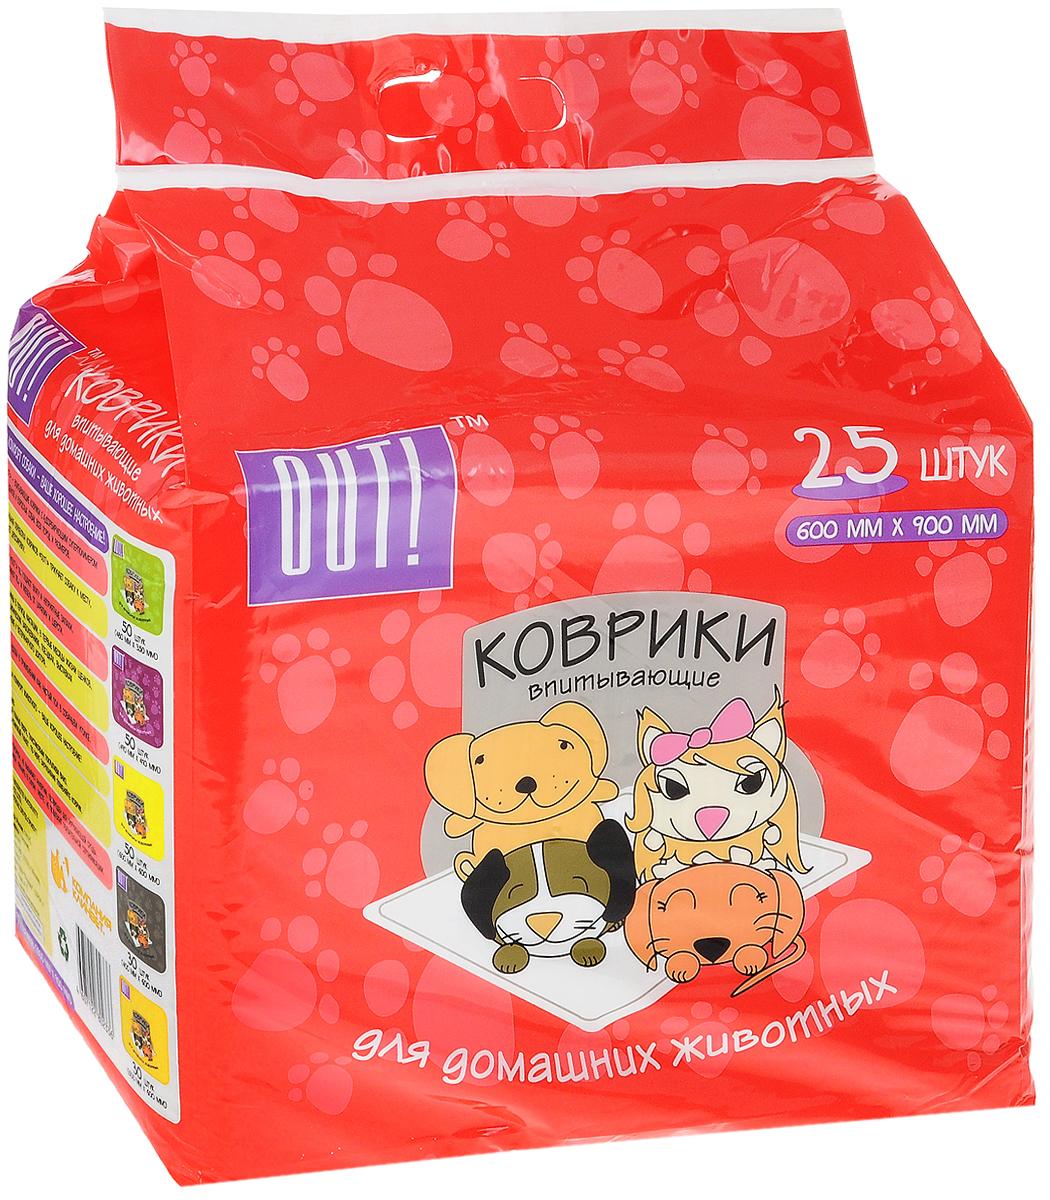 Коврики для домашних животных OUT!, впитывающие, 60 х 90 см, 25 штPP746Впитывающие коврики OUT! предназначены для крупных пород собак и кошек. Коврики имеют слой адсорбирующего суперполимера, превосходно впитывающего влагу и поглощающего неприятные запахи. Обработка впитывающих ковриков OUT! специальным составом привлекает животных, облегчая таким образом процесс приучения собаки к пользованию туалетом.Использование: впитывающие коврики незаменимы в период лактации, в первые месяцы жизни щенков и котят, при специфических заболеваниях, поездках, выставках и на приеме у ветеринарного врача. Коврик можно применять в качестве чистого пола в собачьем уголке. Коврики удобно применять в туалетных лотках.Состав: целлюлоза, впитывающий суперполимер, нетканое полотно, полиэтилен.